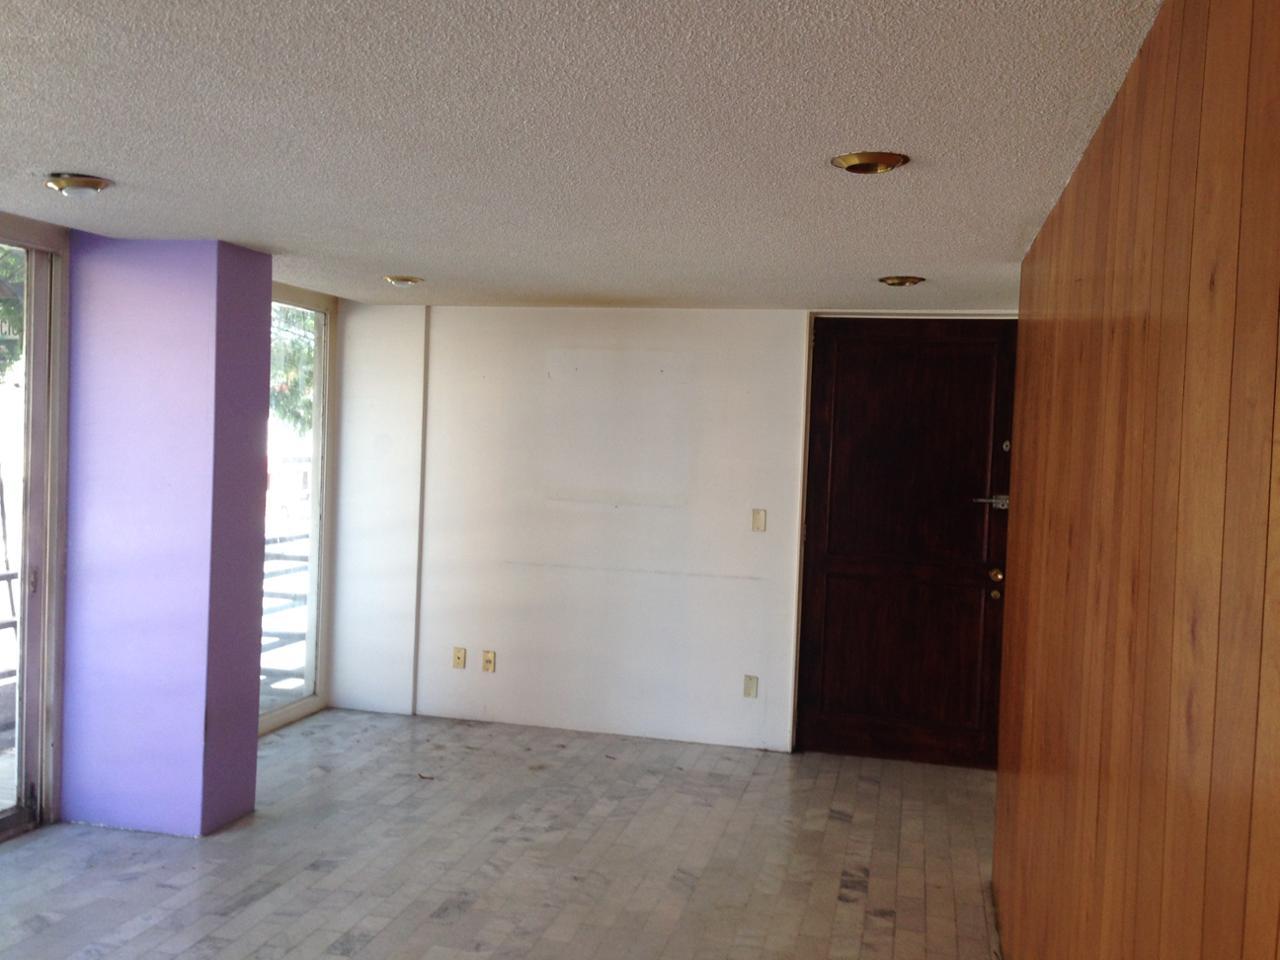 Departamento en Venta José María Rico 215-101, Acacias, Benito Juárez, Distrito Federal (cdmx)